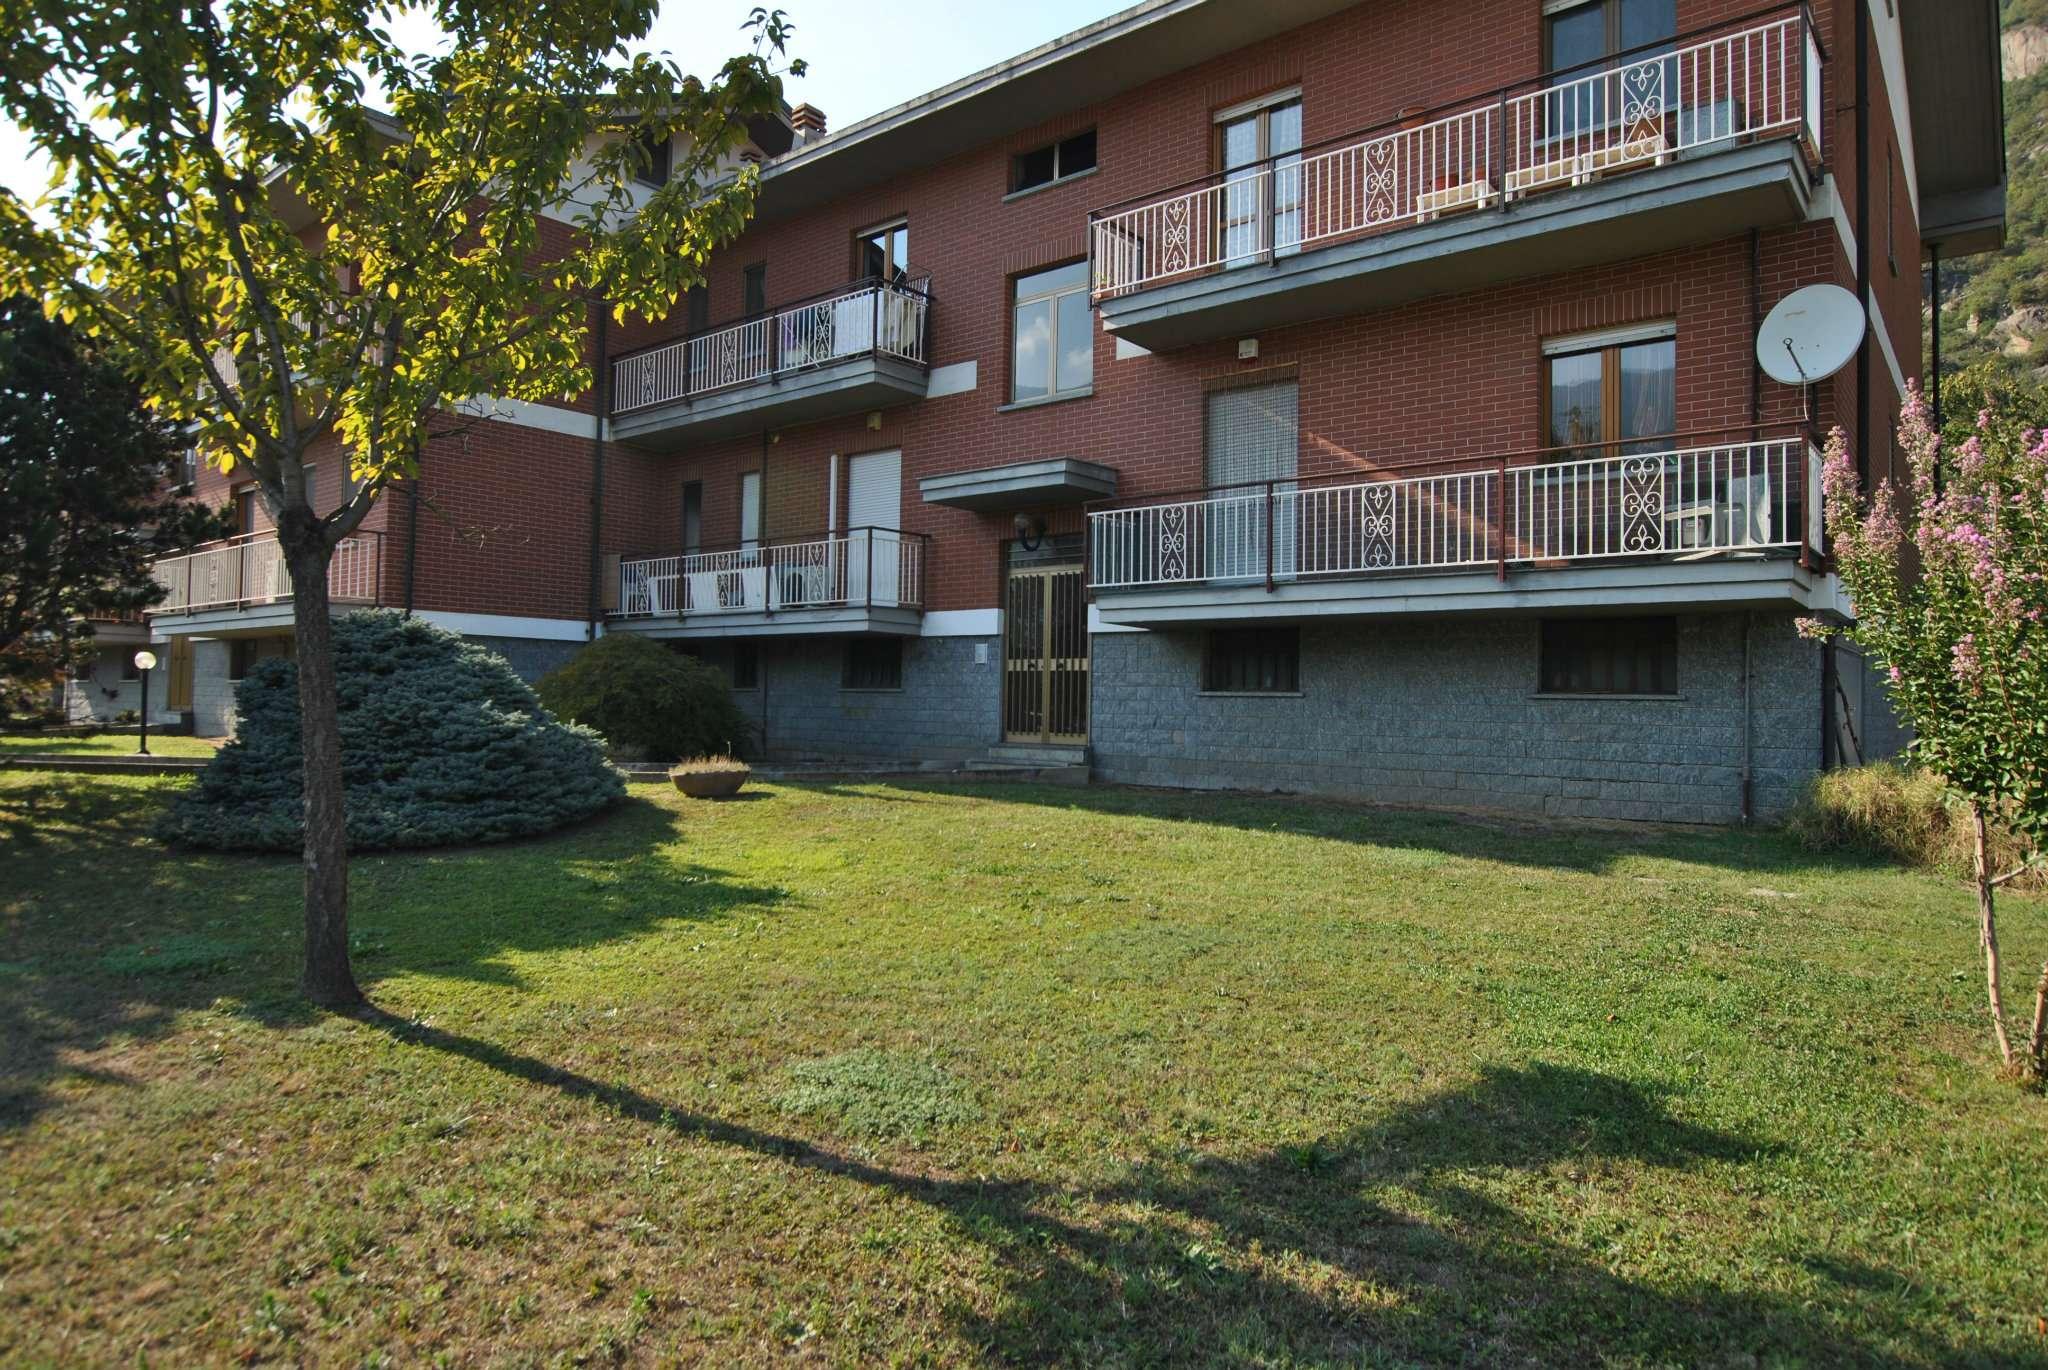 Appartamento in vendita a Borgone Susa, 3 locali, prezzo € 124.000 | CambioCasa.it